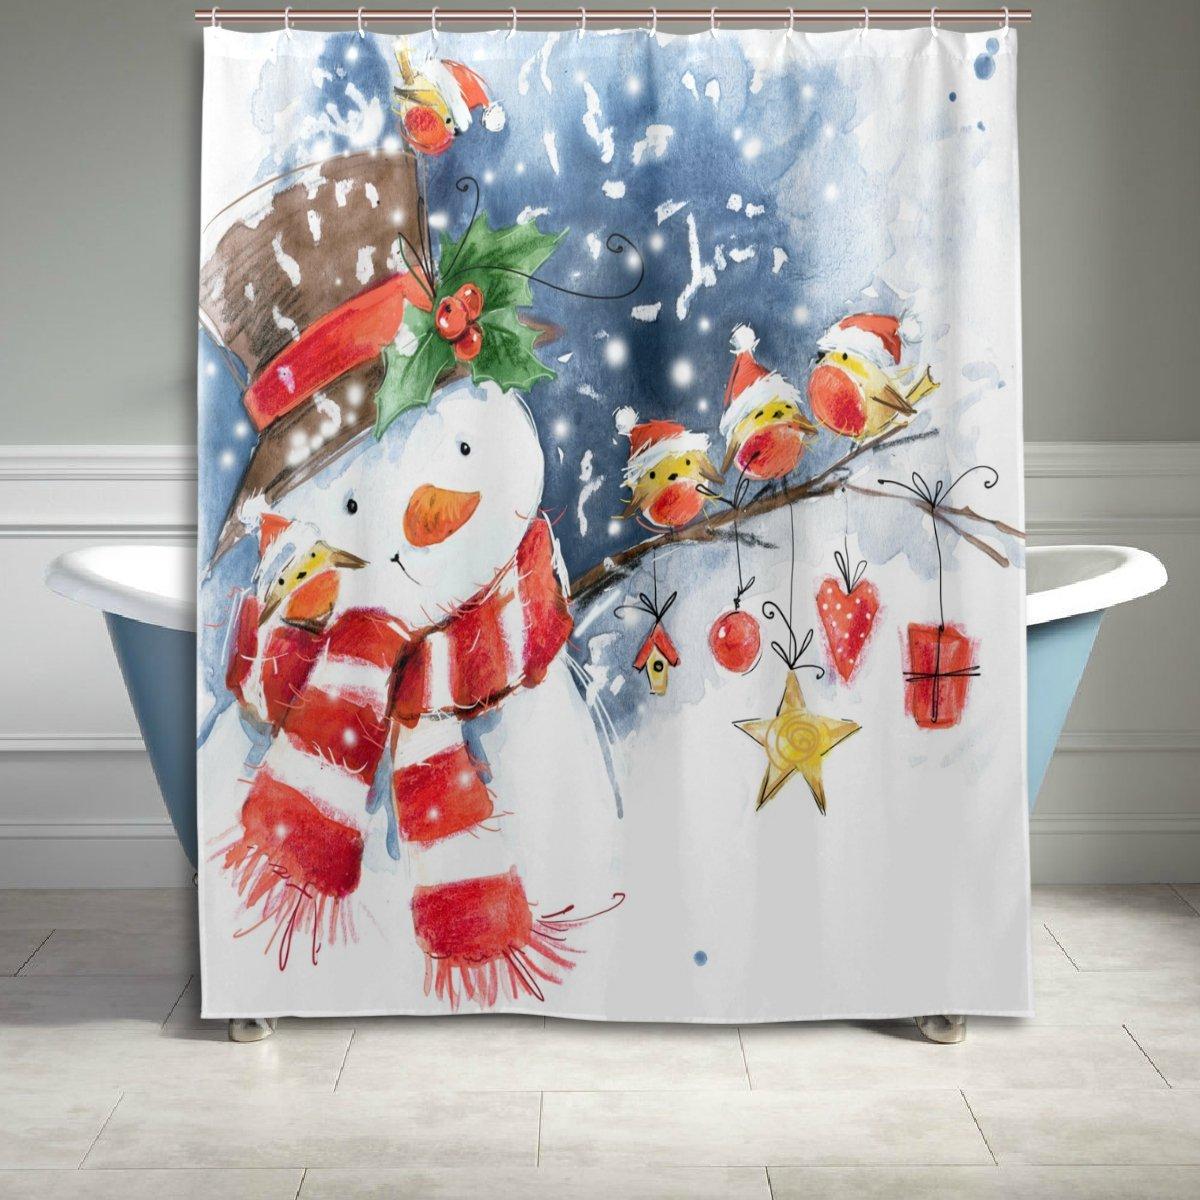 bluekeystudio Schneemann Weihnachten Duschvorhang Set mit Polyester ...